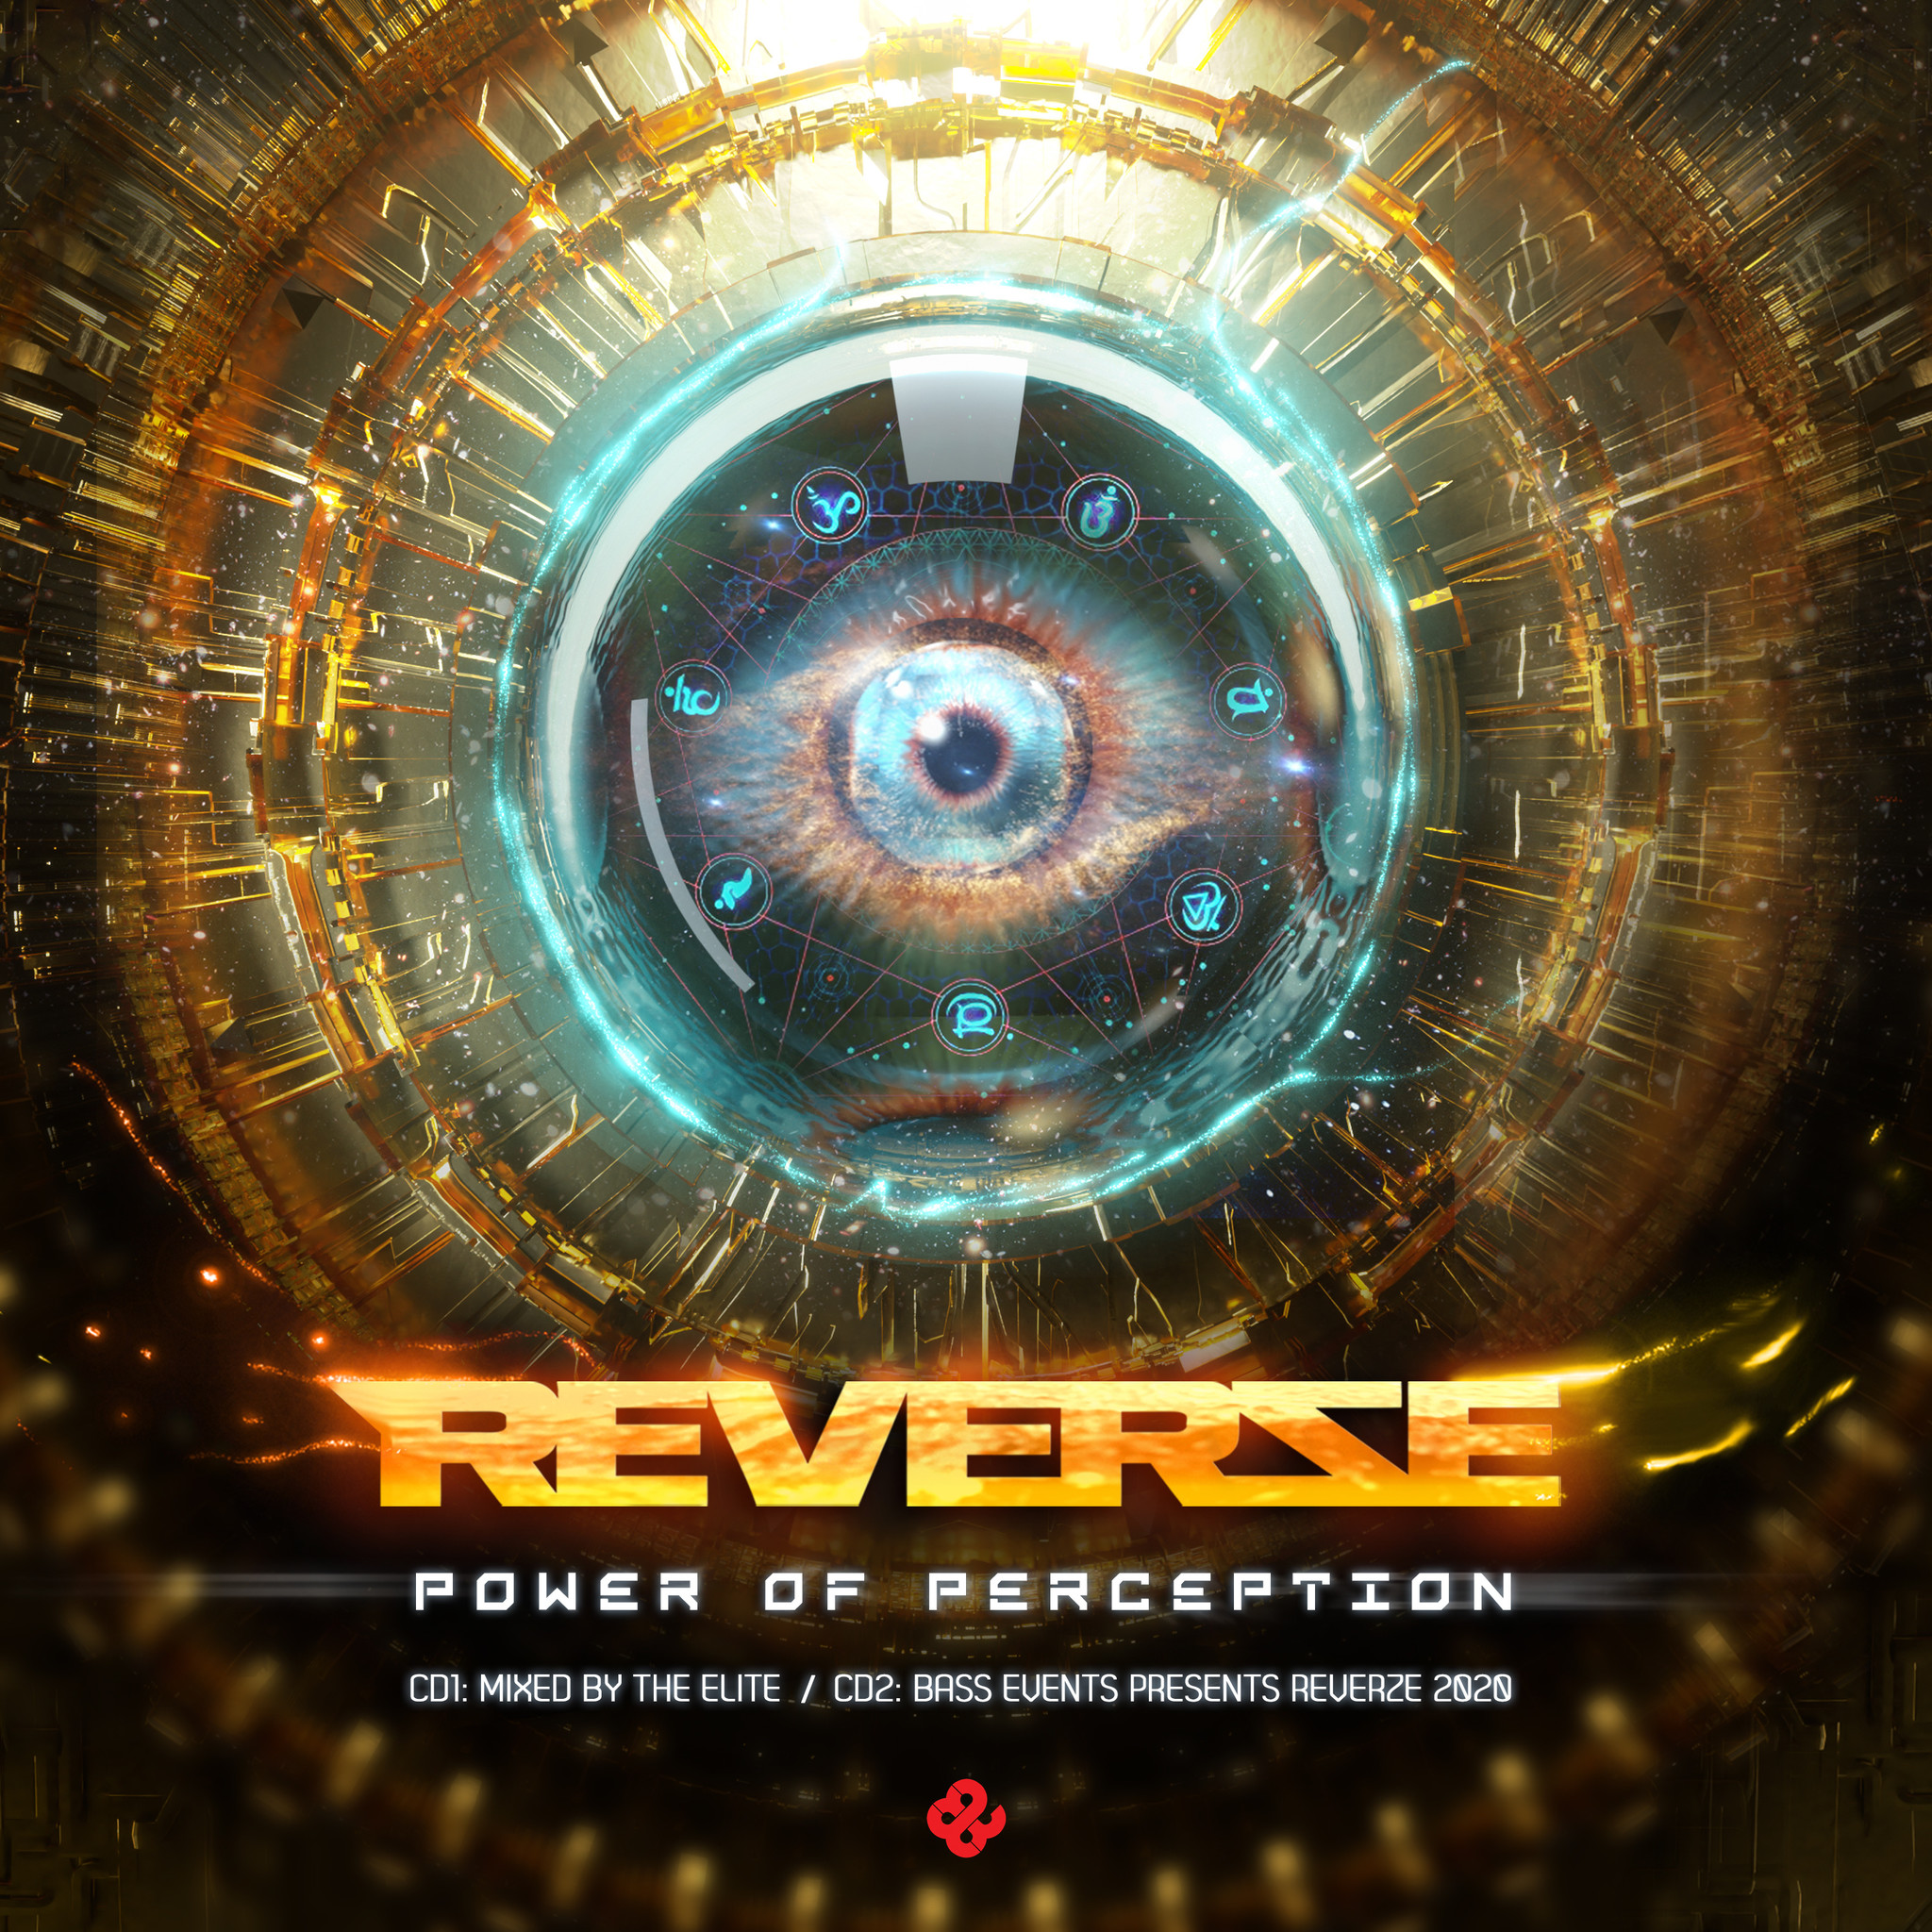 Reverze 2020 - Power Of Perception CD